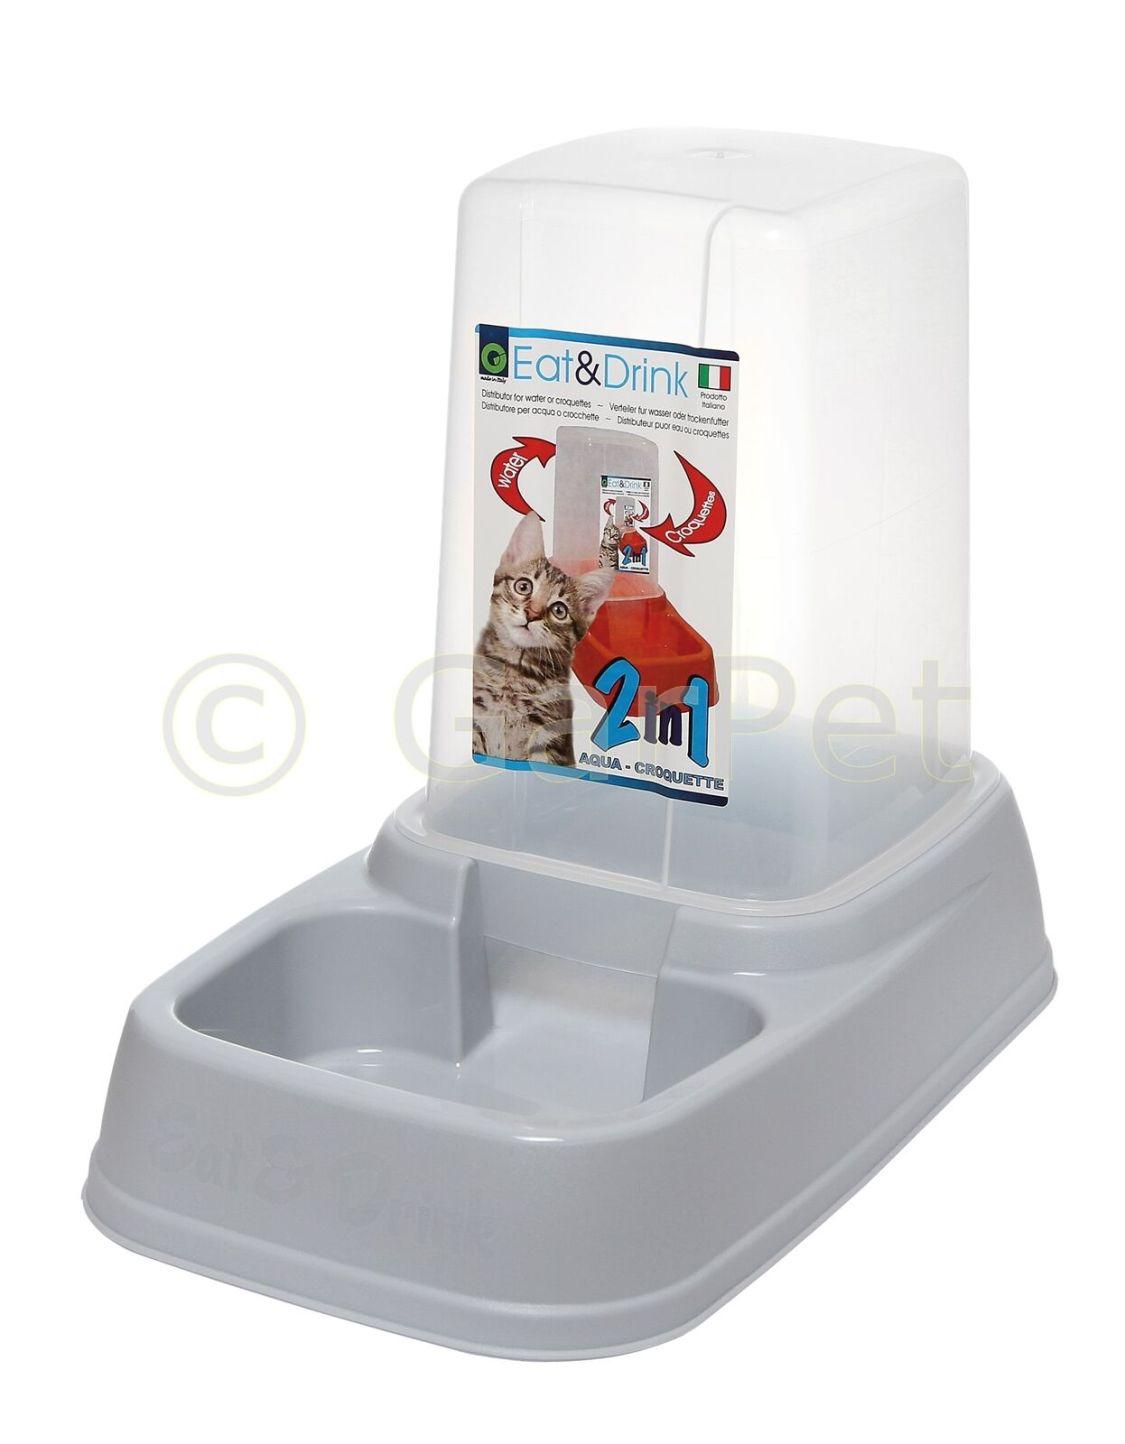 Hunde Katzen Futterspender Wasserspender Futter Wasser Napf Automat 2in1 3,7 L